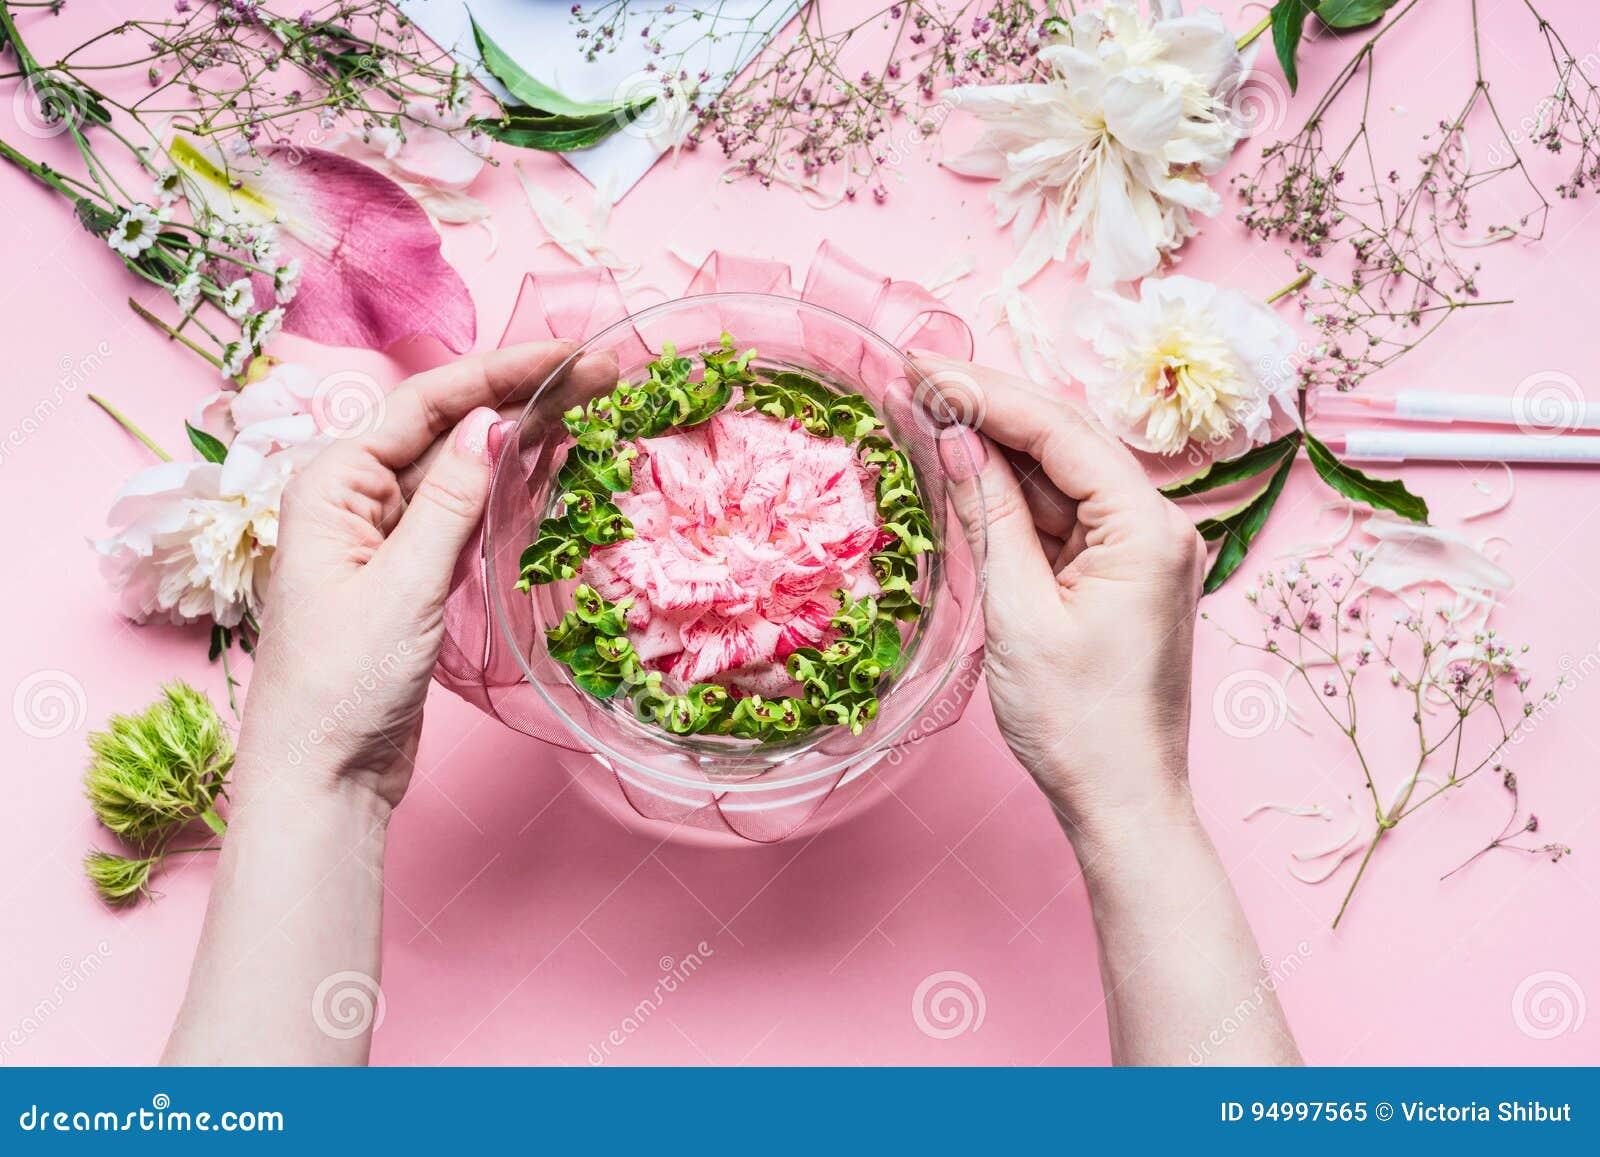 Espacio de trabajo rosado del florista con los lirios y otras flores, florero de cristal con agua Manos femeninas que hacen centr